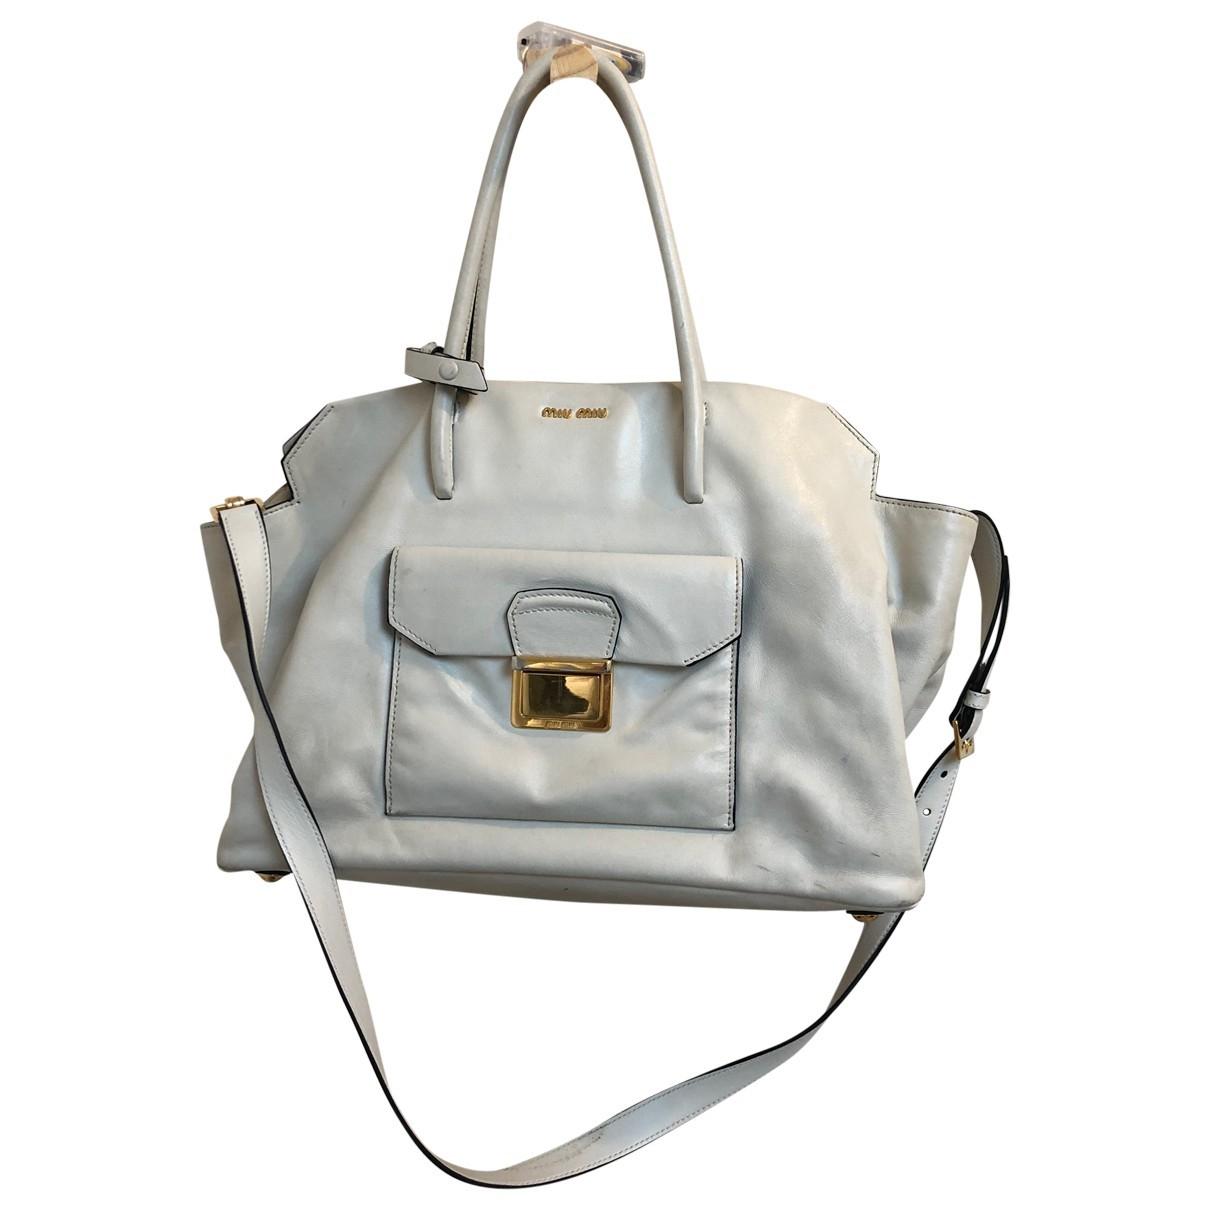 Miu Miu Bow bag Handtasche in  Weiss Leder